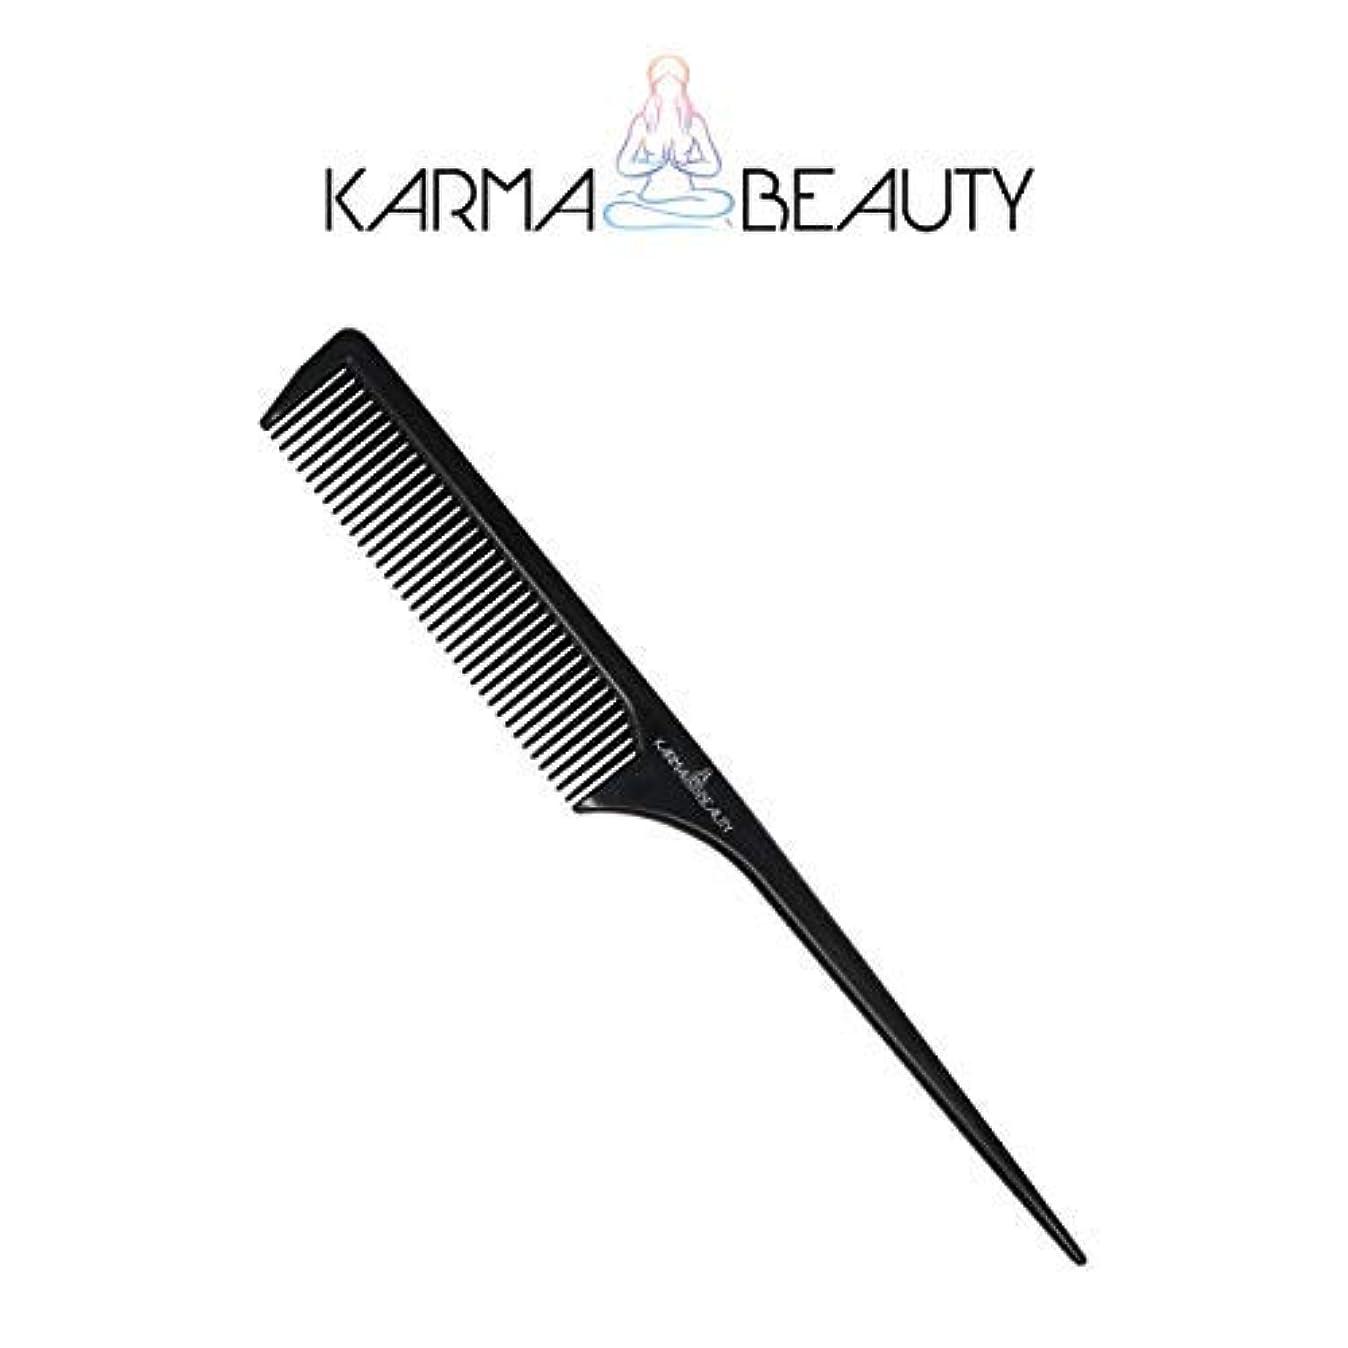 実用的提供された極めて重要なTail Comb | Fine Tooth Hair Comb | Thin and Long Handle | Teasing Comb | For All Hair Type | Karma Beauty | (Black...